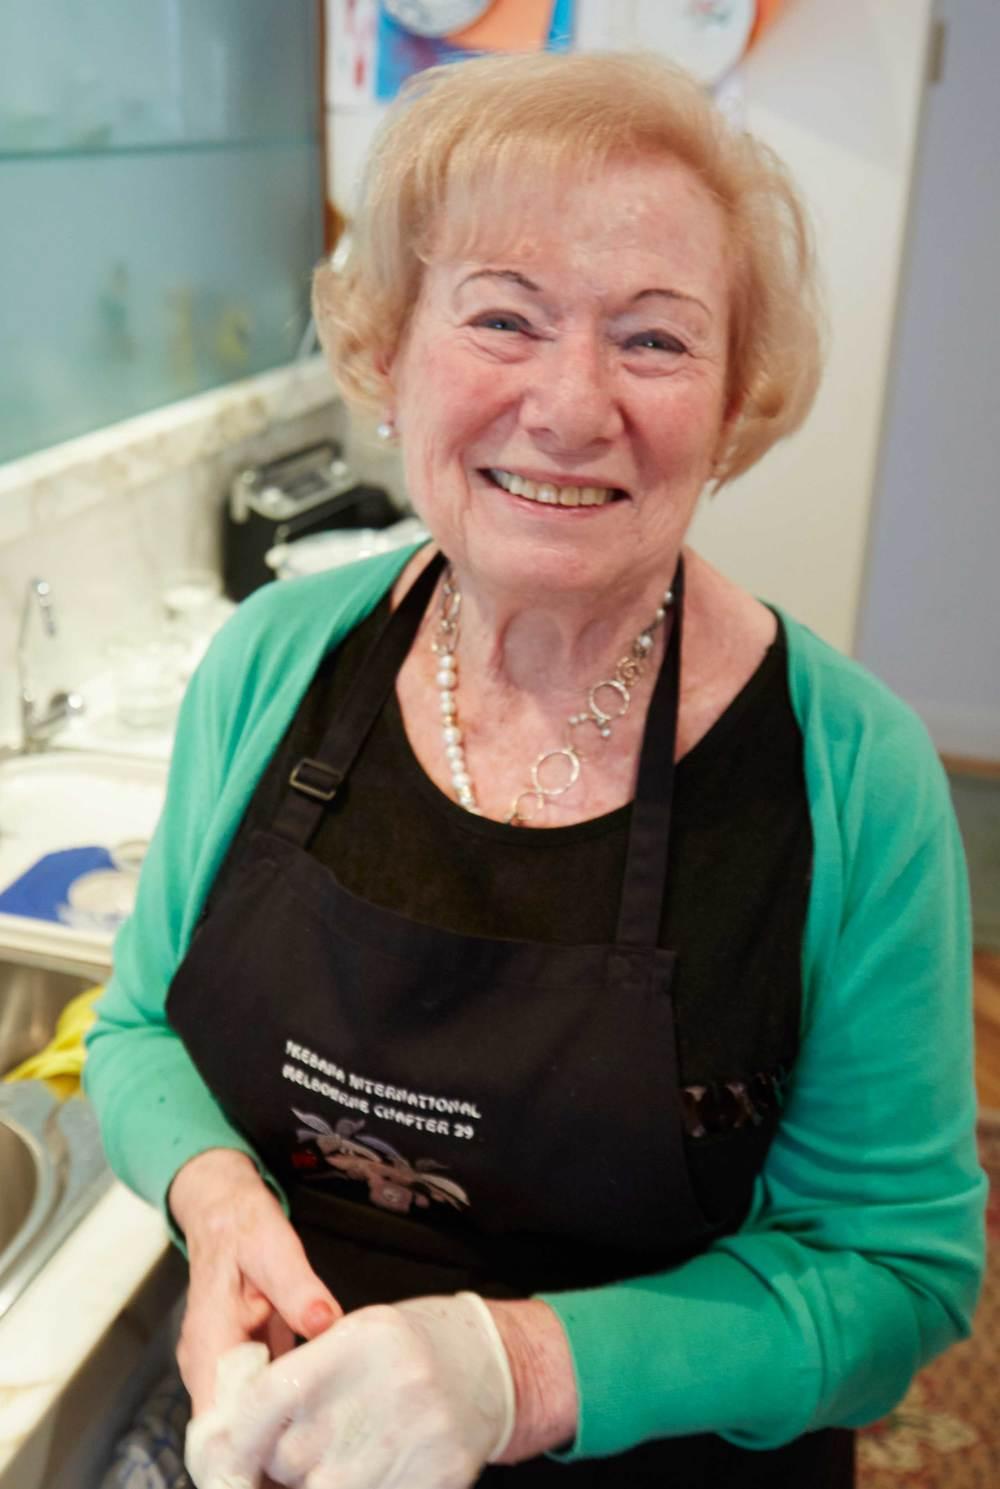 Ruth Hampel